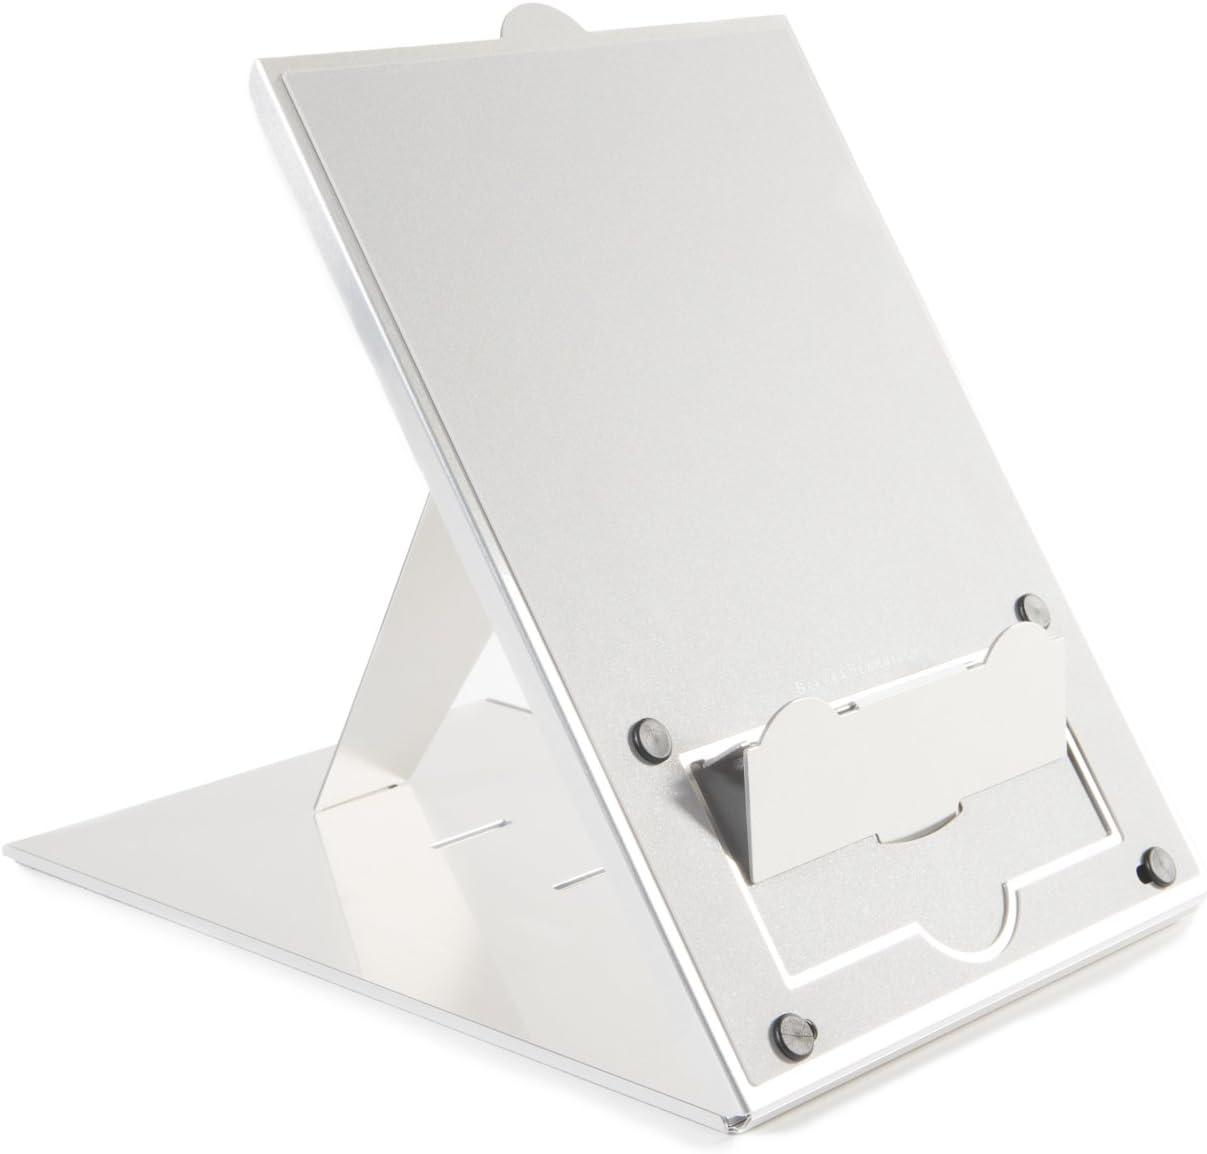 Bakker Elkhuizen BNEQH Tablet and Notebook Stand Ergo-Q Hybrid 4 Levels Adjustable Silver